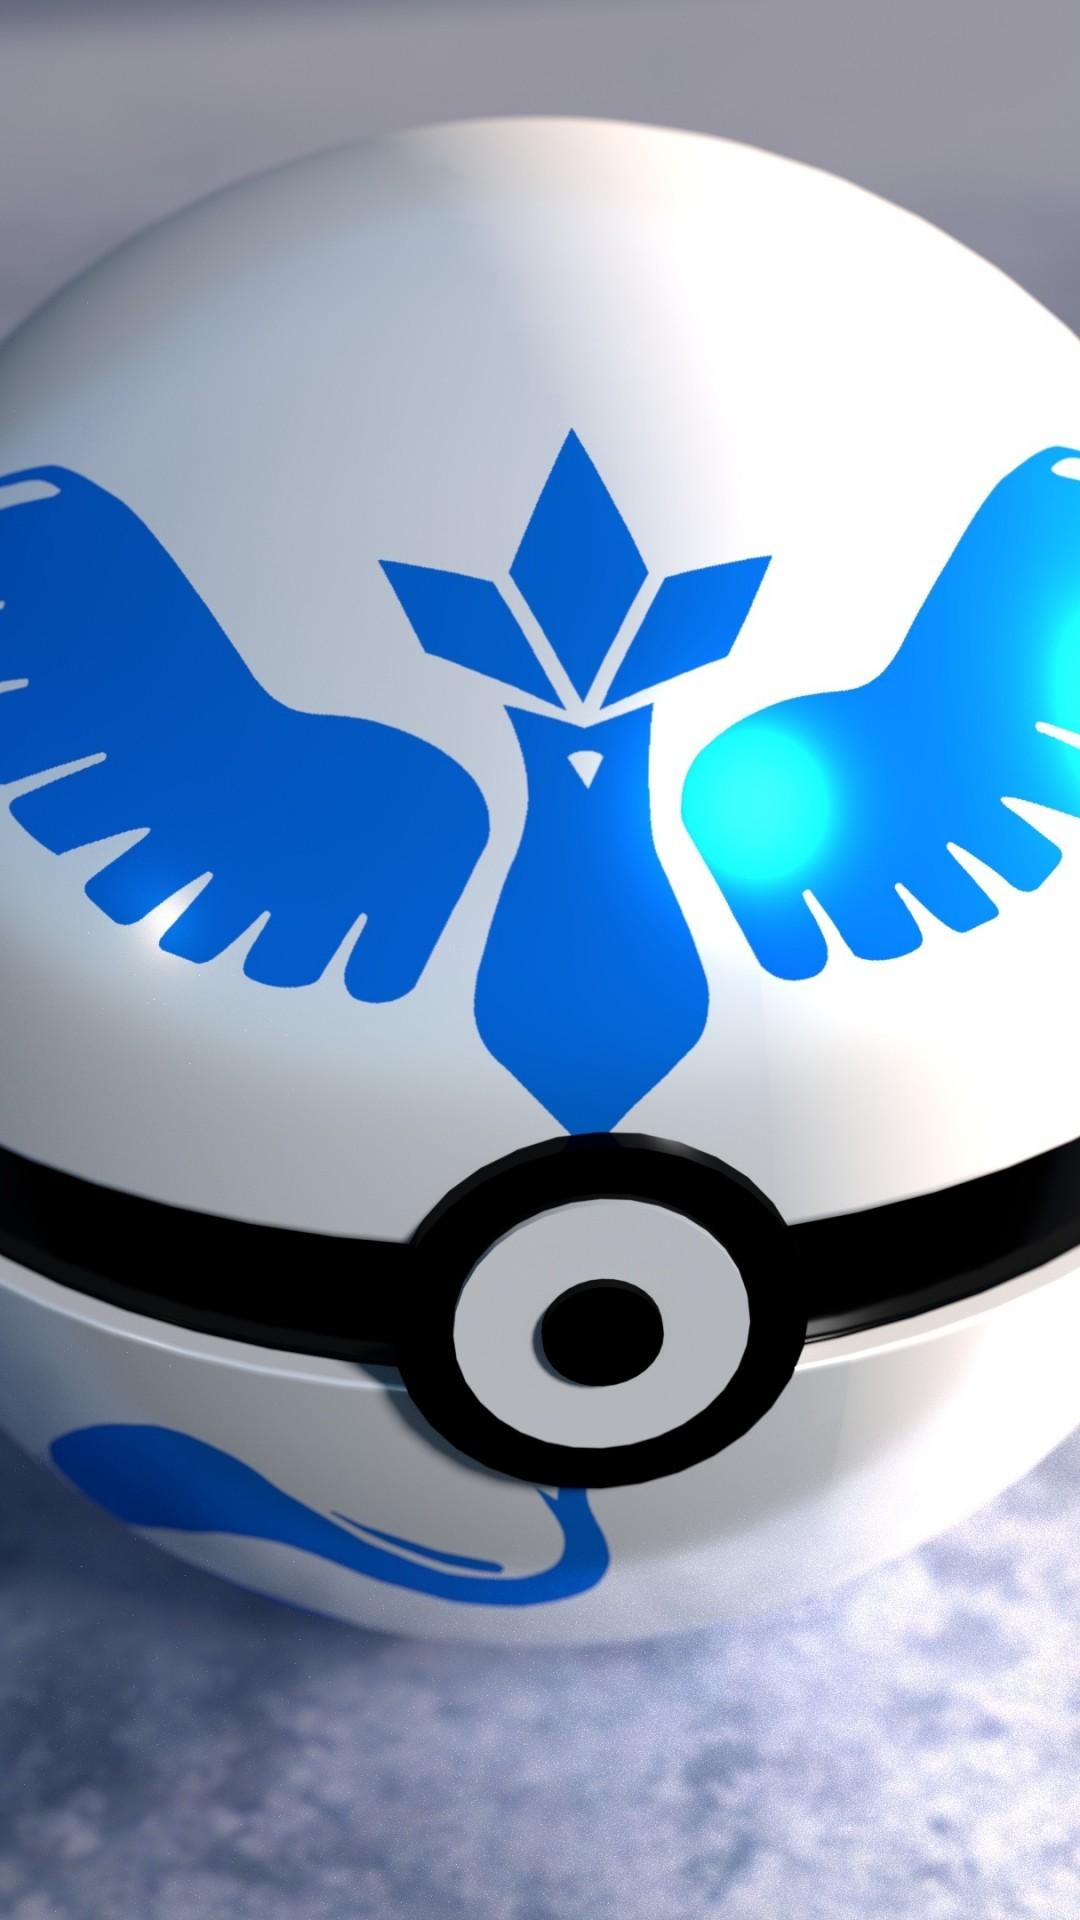 Wallpaper pokemon go, pokeball, ball, game